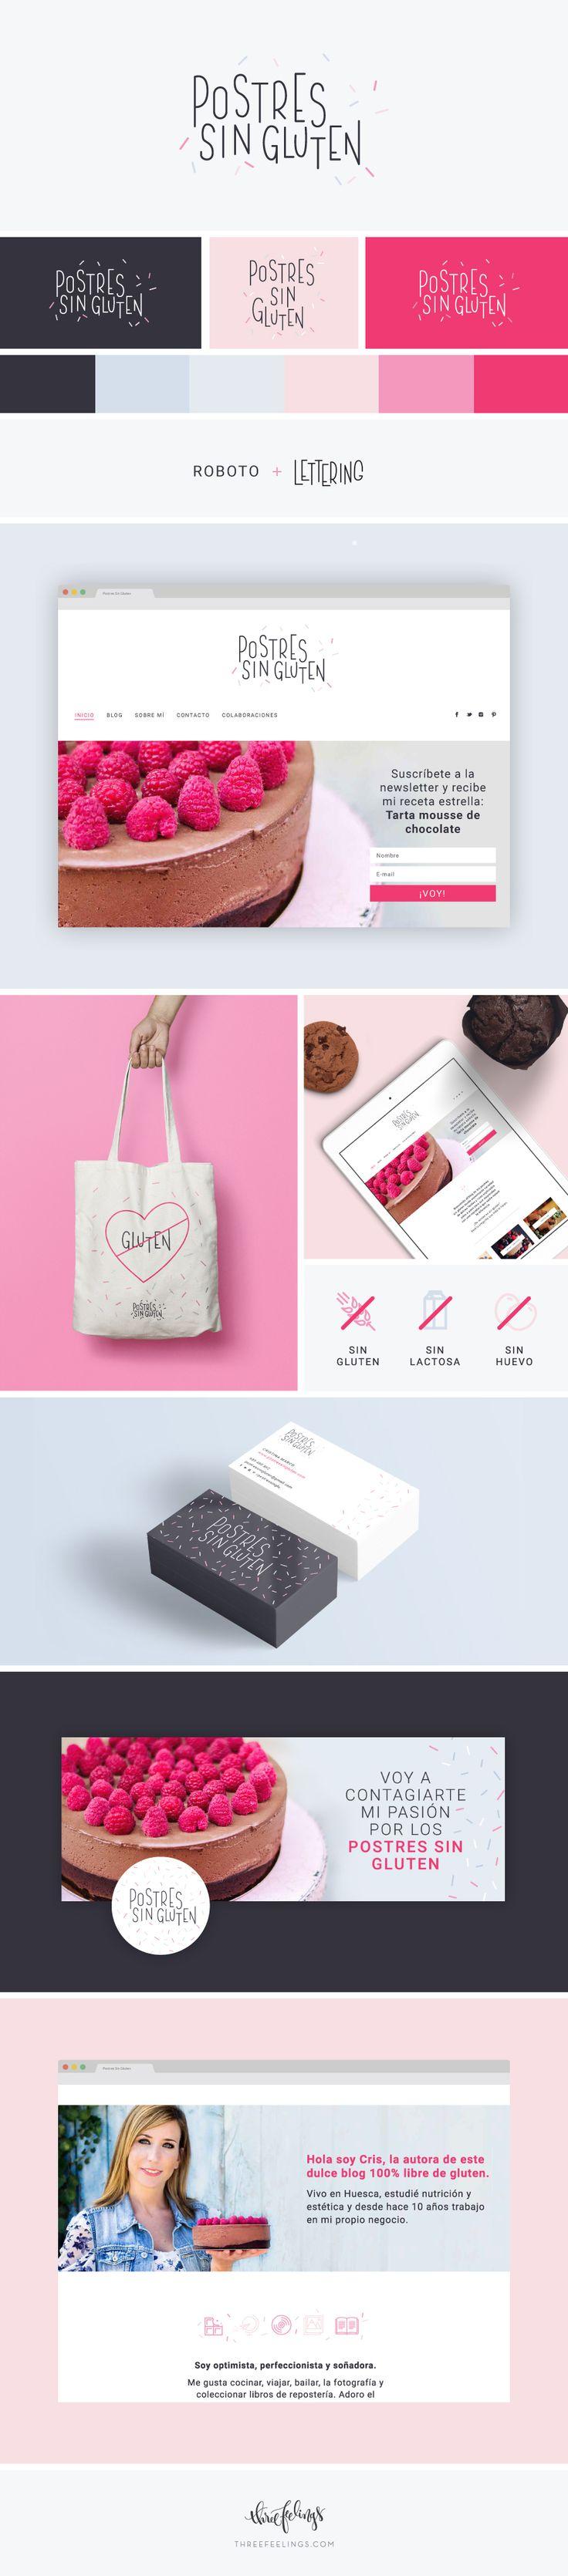 Diseño de la identidad de Postres Sin Gluten. Creación de tarjetas corporativas y totebag. Instalación y adaptación de la plantilla Minimal Feelings.  Lauren B Montana